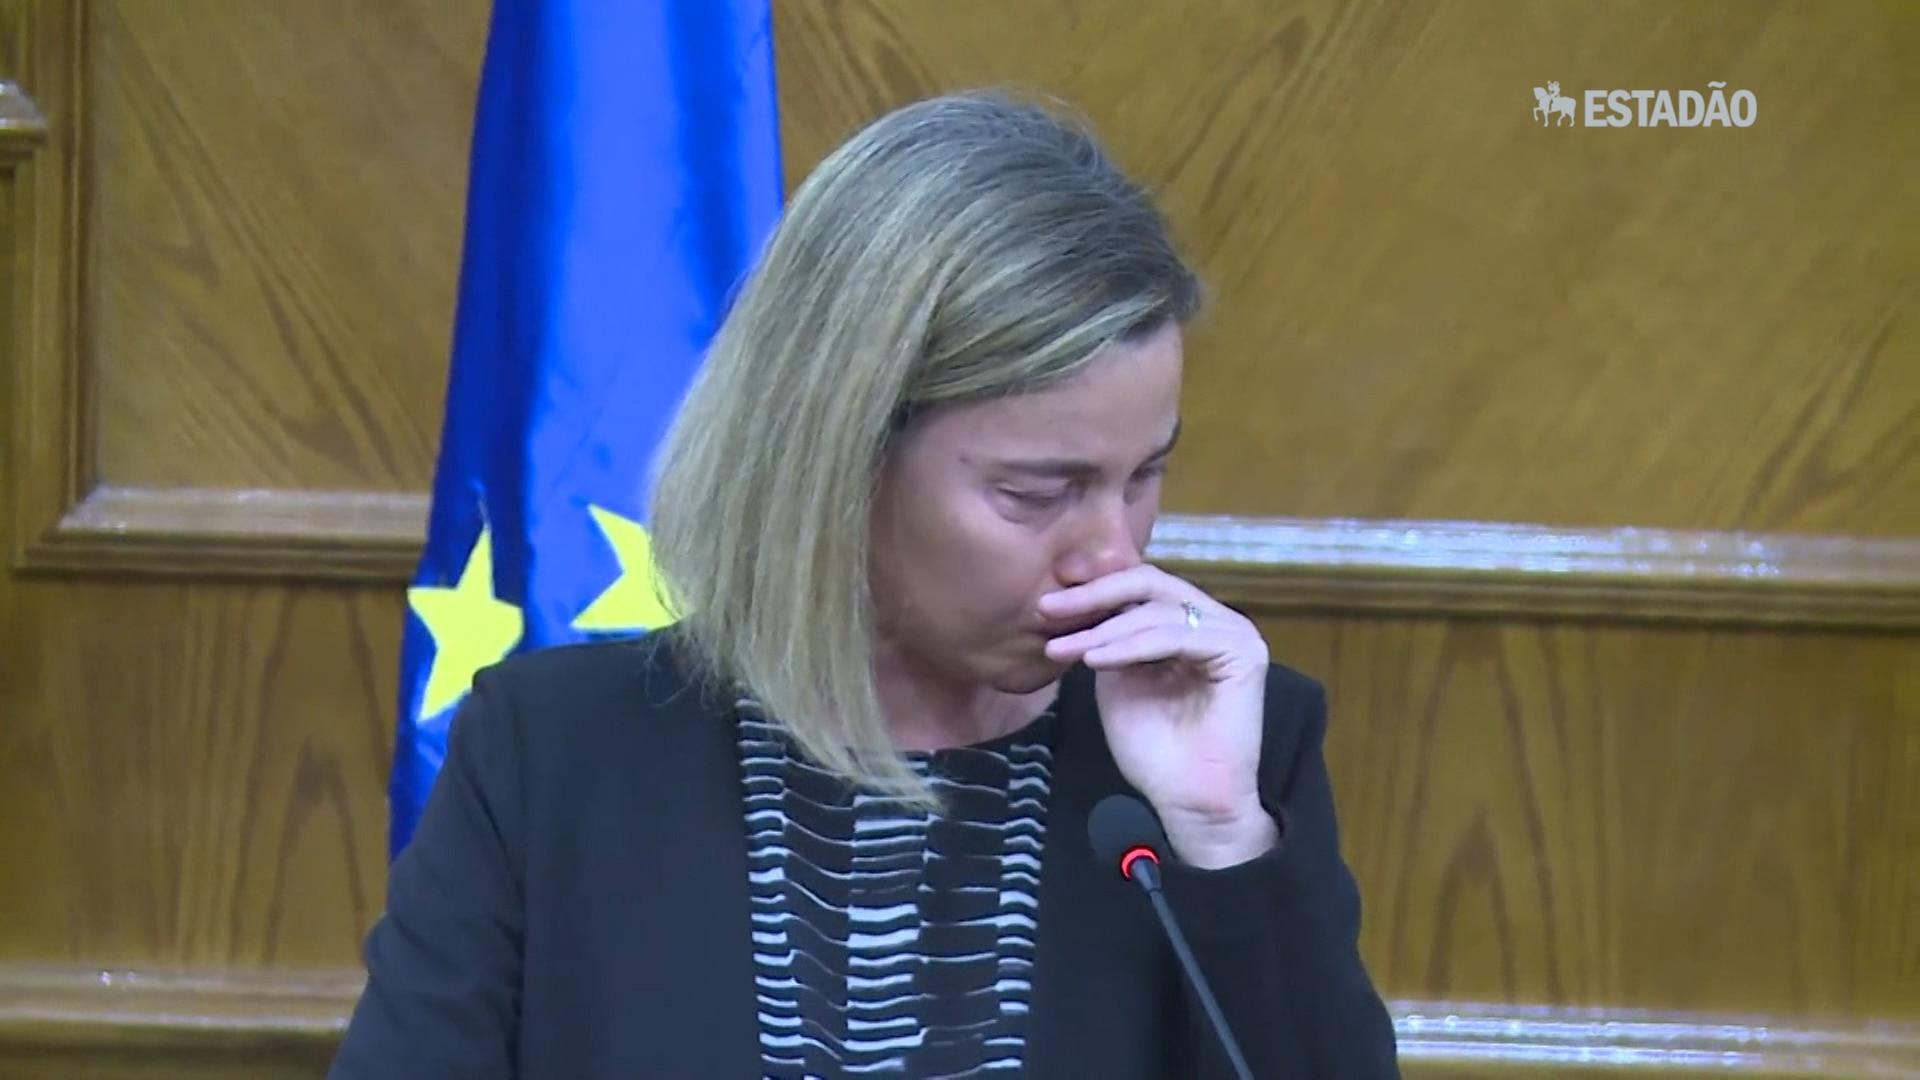 Autoridades lamentam atentados em Bruxelas